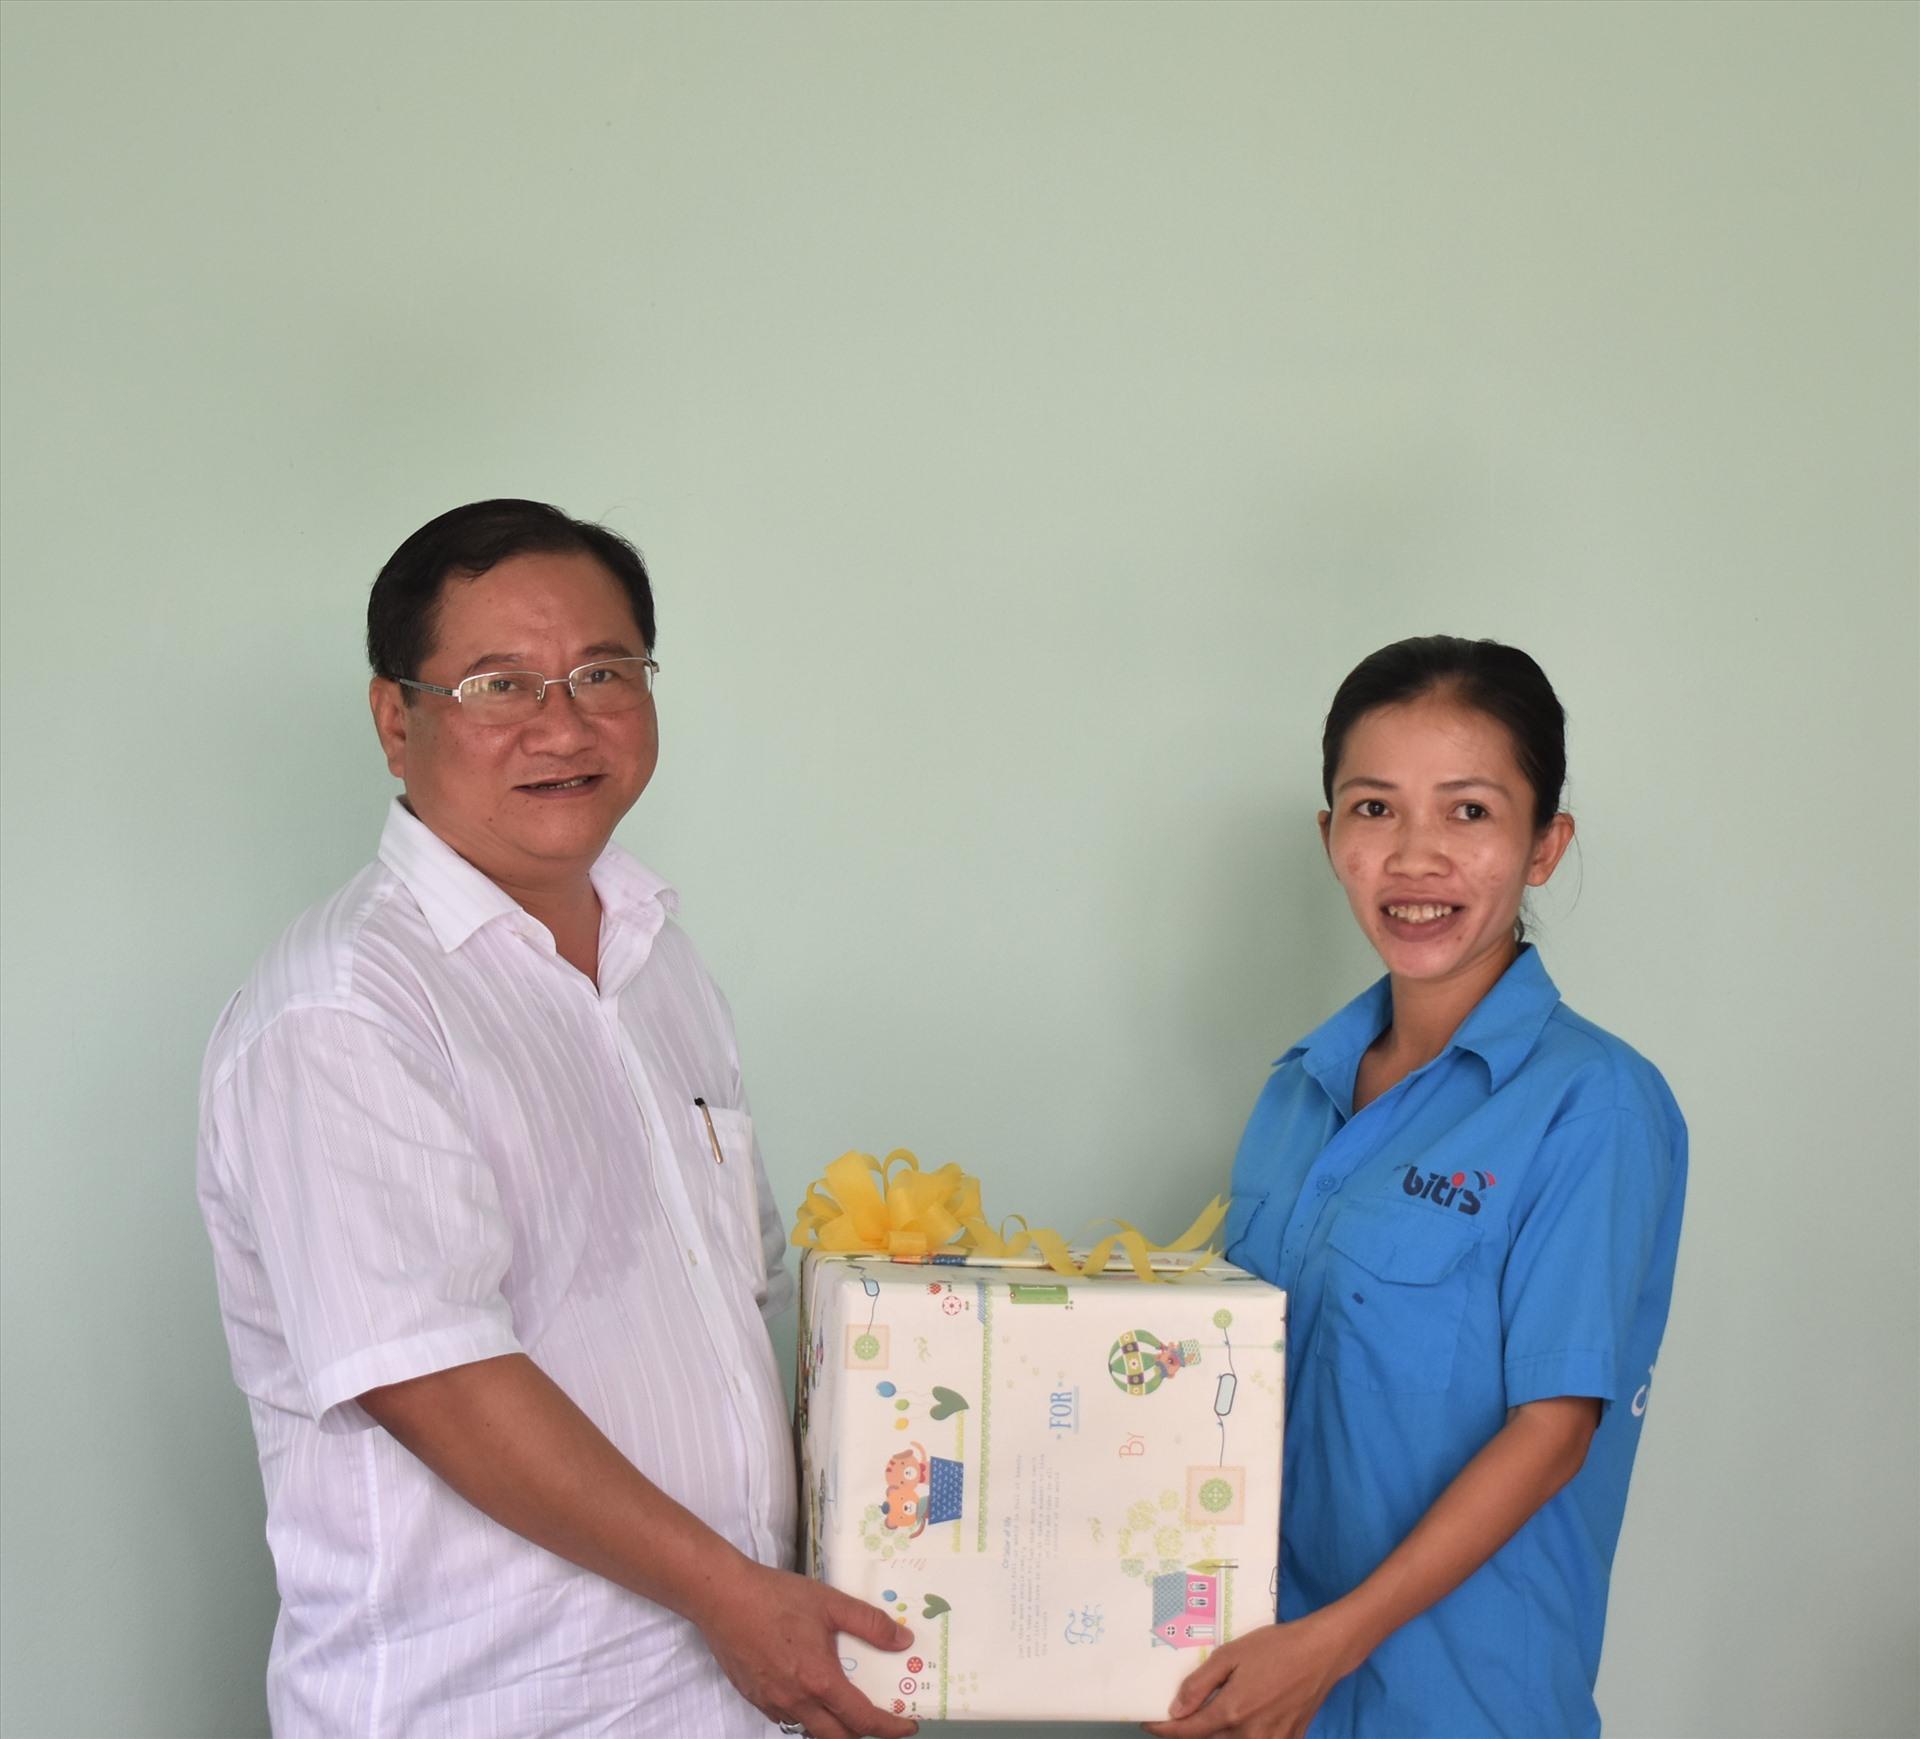 Ông Trần Quốc Vũ - Bí thư Quận ủy Bình Thủy (TP.Cần Thơ) trao quà và động viên chị Nguyễn. Ảnh: Thành Nhân